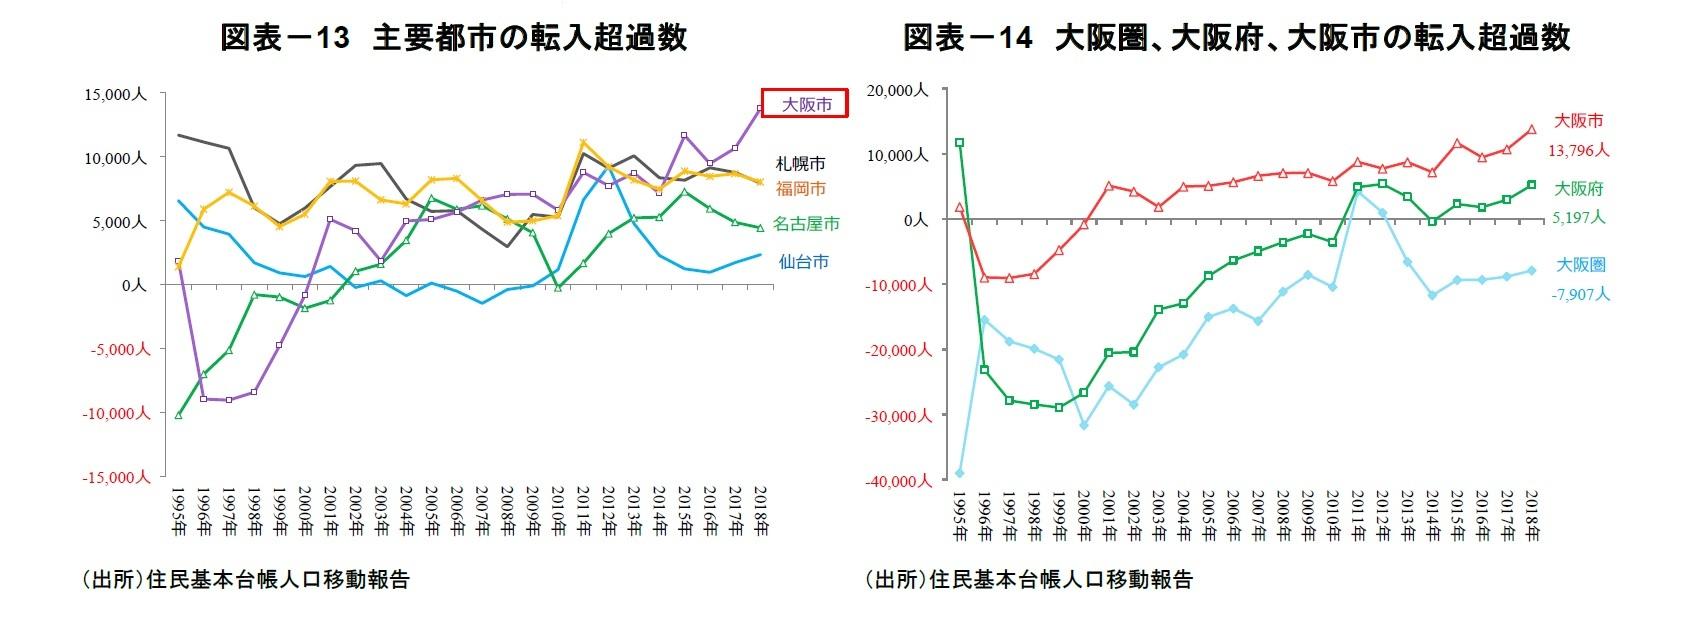 図表-13 主要都市の転入超過数/図表-14 大阪圏、大阪府、大阪市の転入超過数